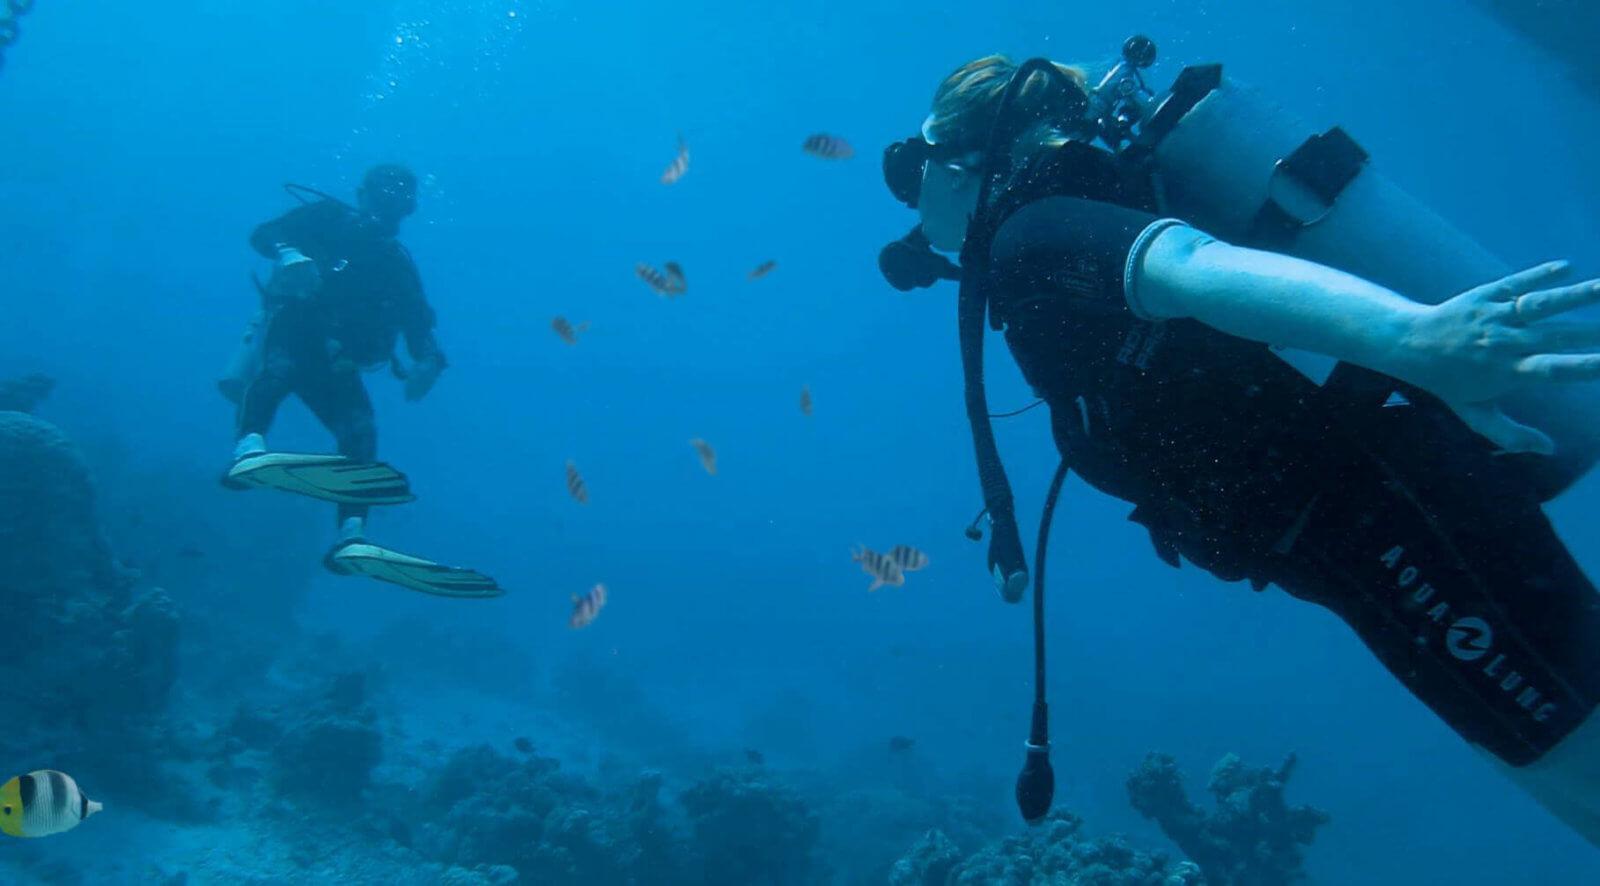 Centre de plongée -Tahiti - Moorea - Polynésie française - TOP DIVE - La revue de Kathleen - Blog Lifestyle et voyage à Paris